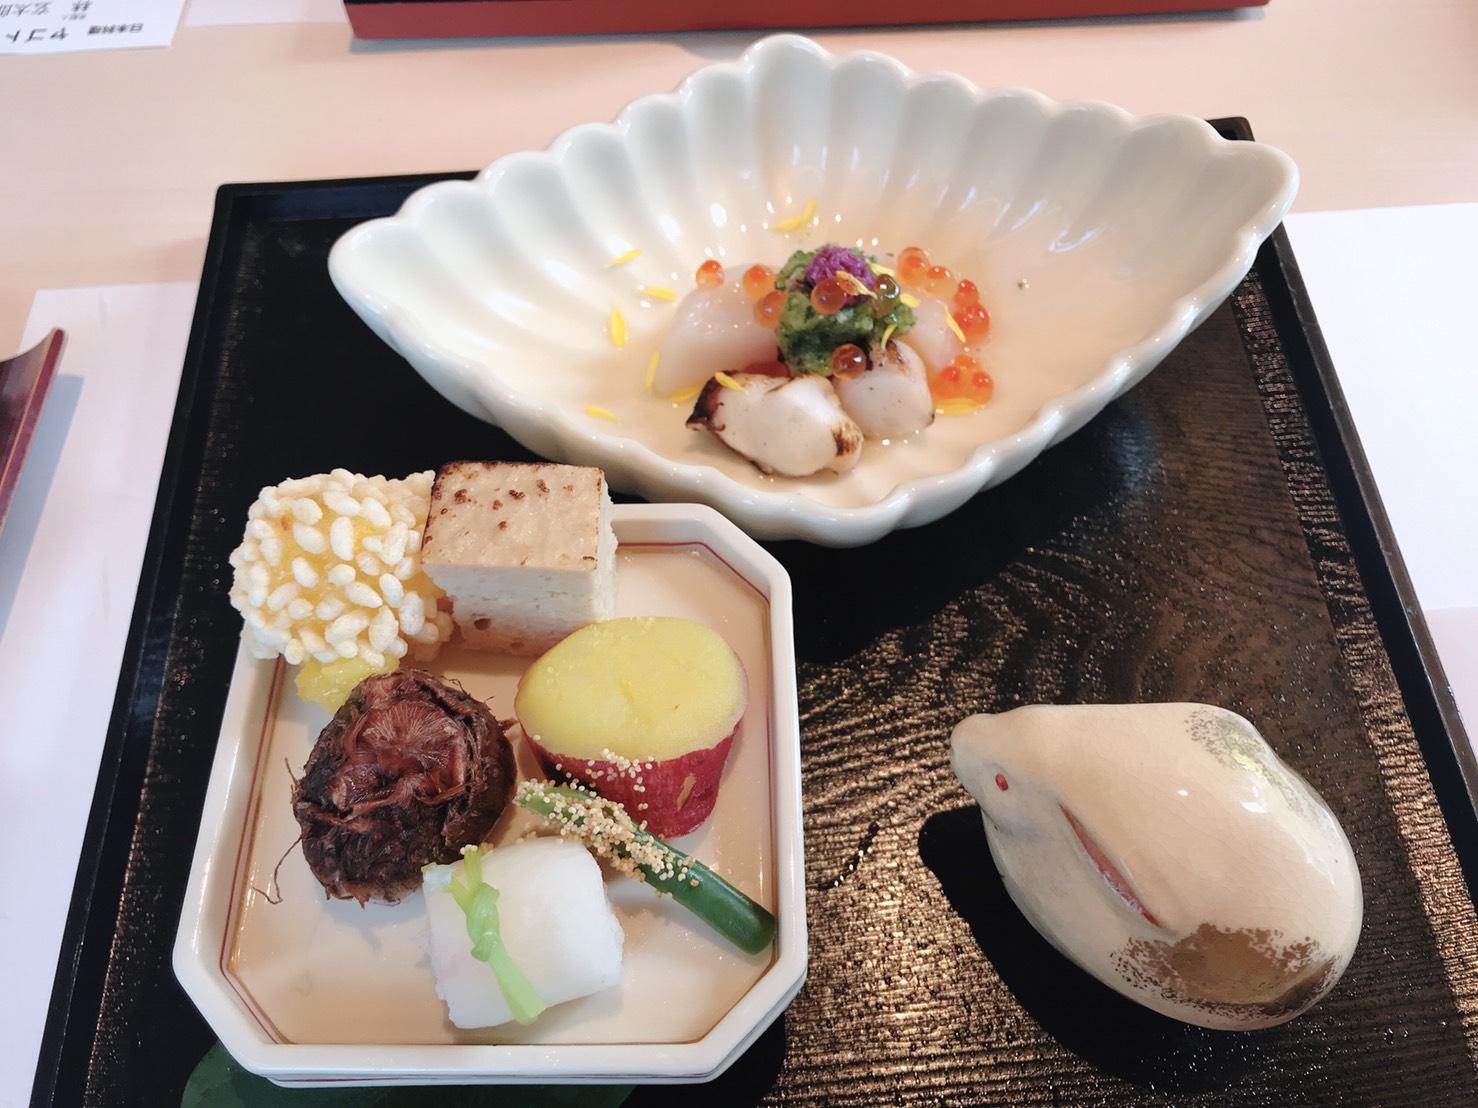 八事|伝統懐石料理店がリニューアル!確かな日本の技をリーズナブルに楽しむ